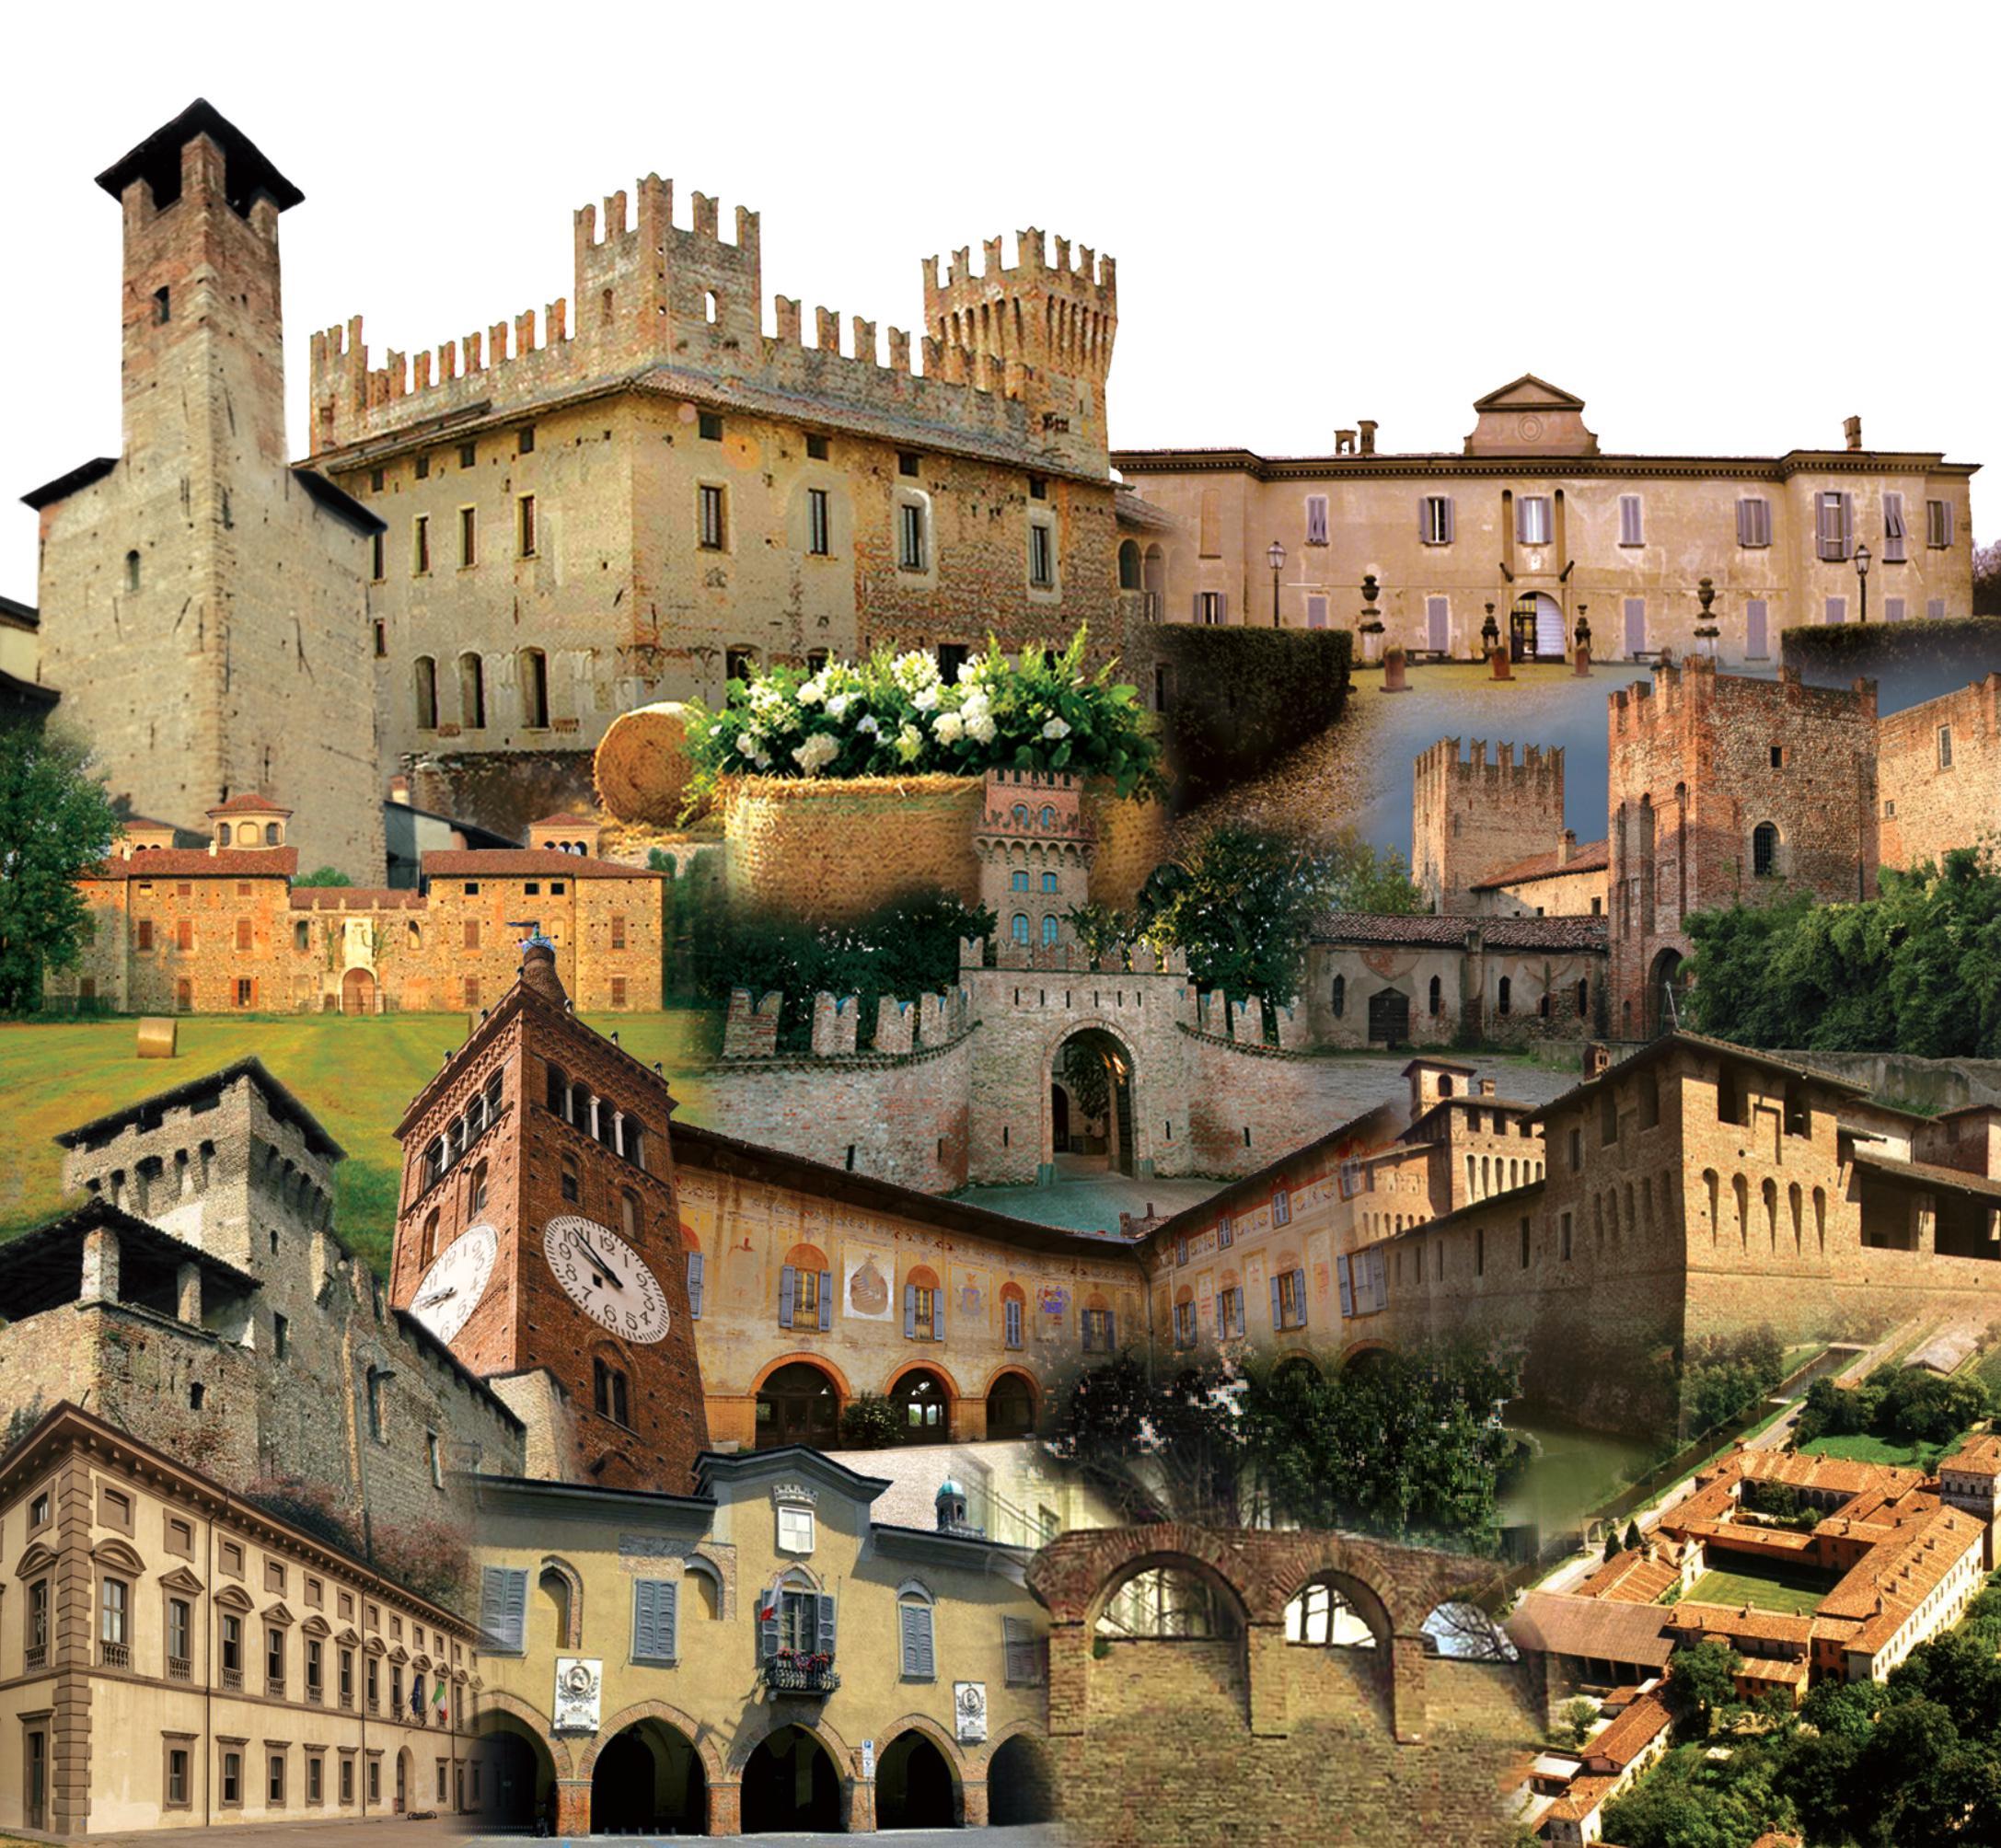 Giornate dei castelli palazzi e borghi medievali 2018 - Finestre castelli medievali ...